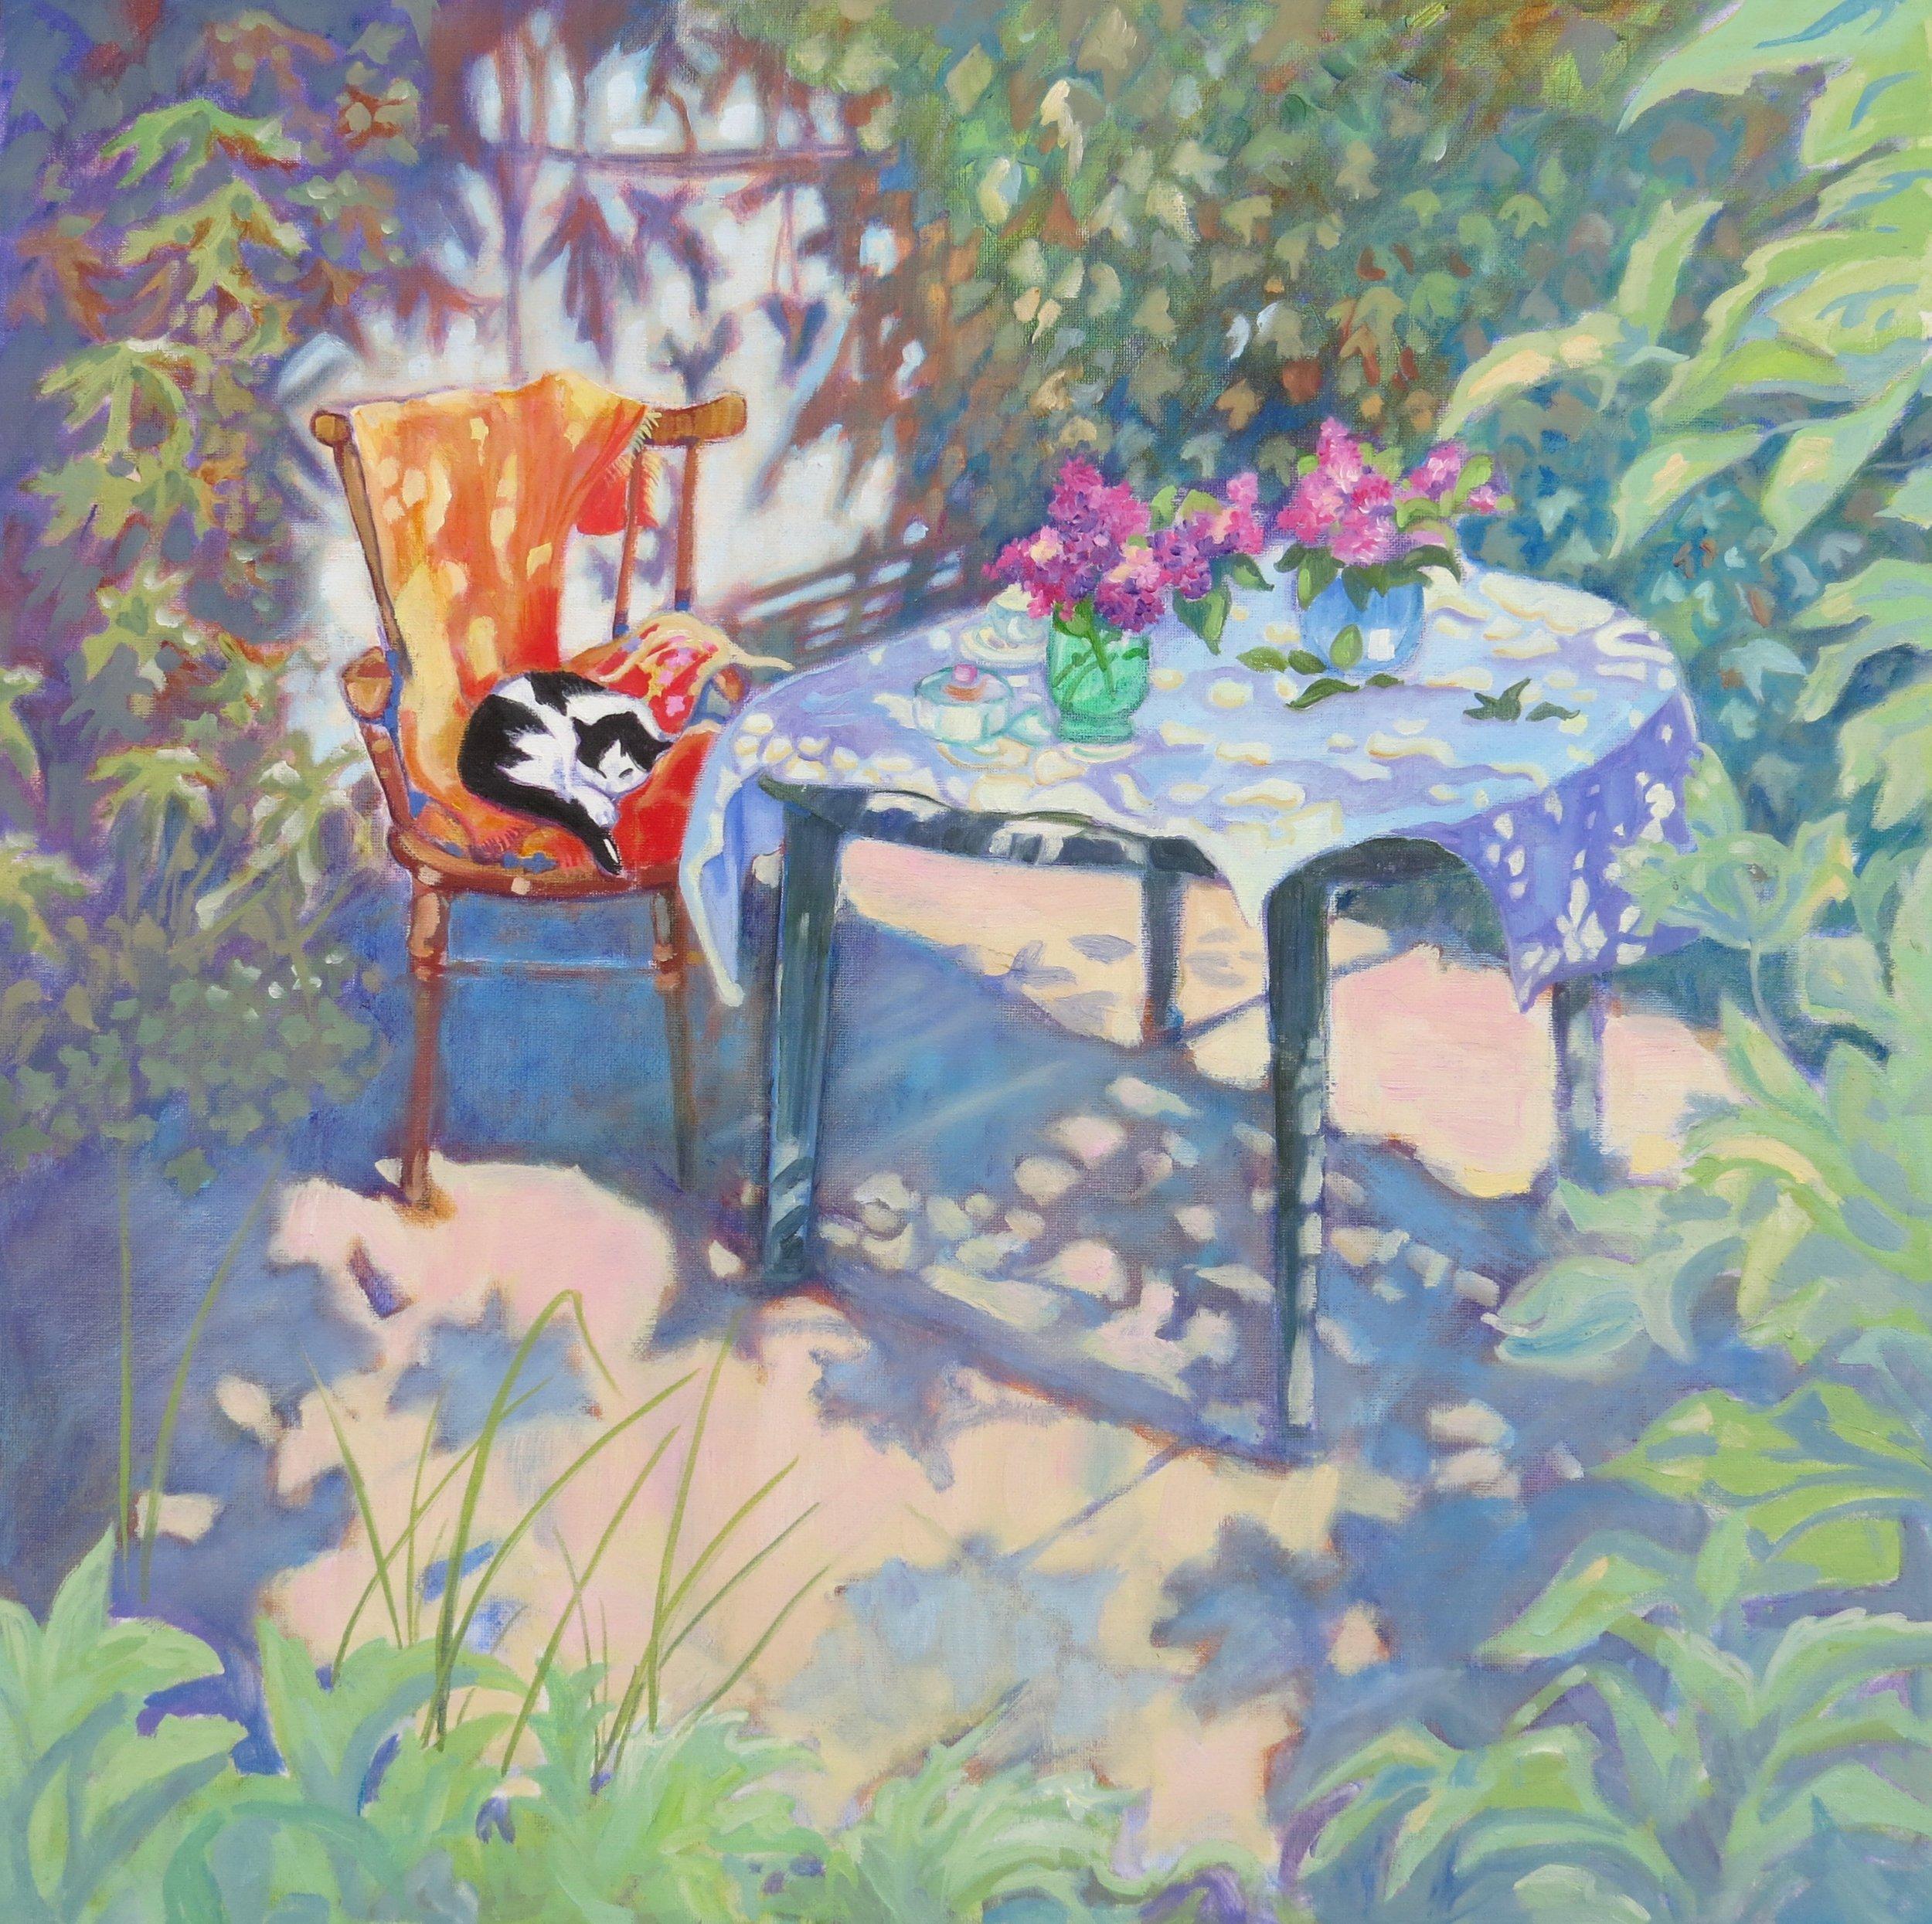 g282 Mary Kemp - Afternoon Sleep. oil on canvas panel 40 x 40.jpg